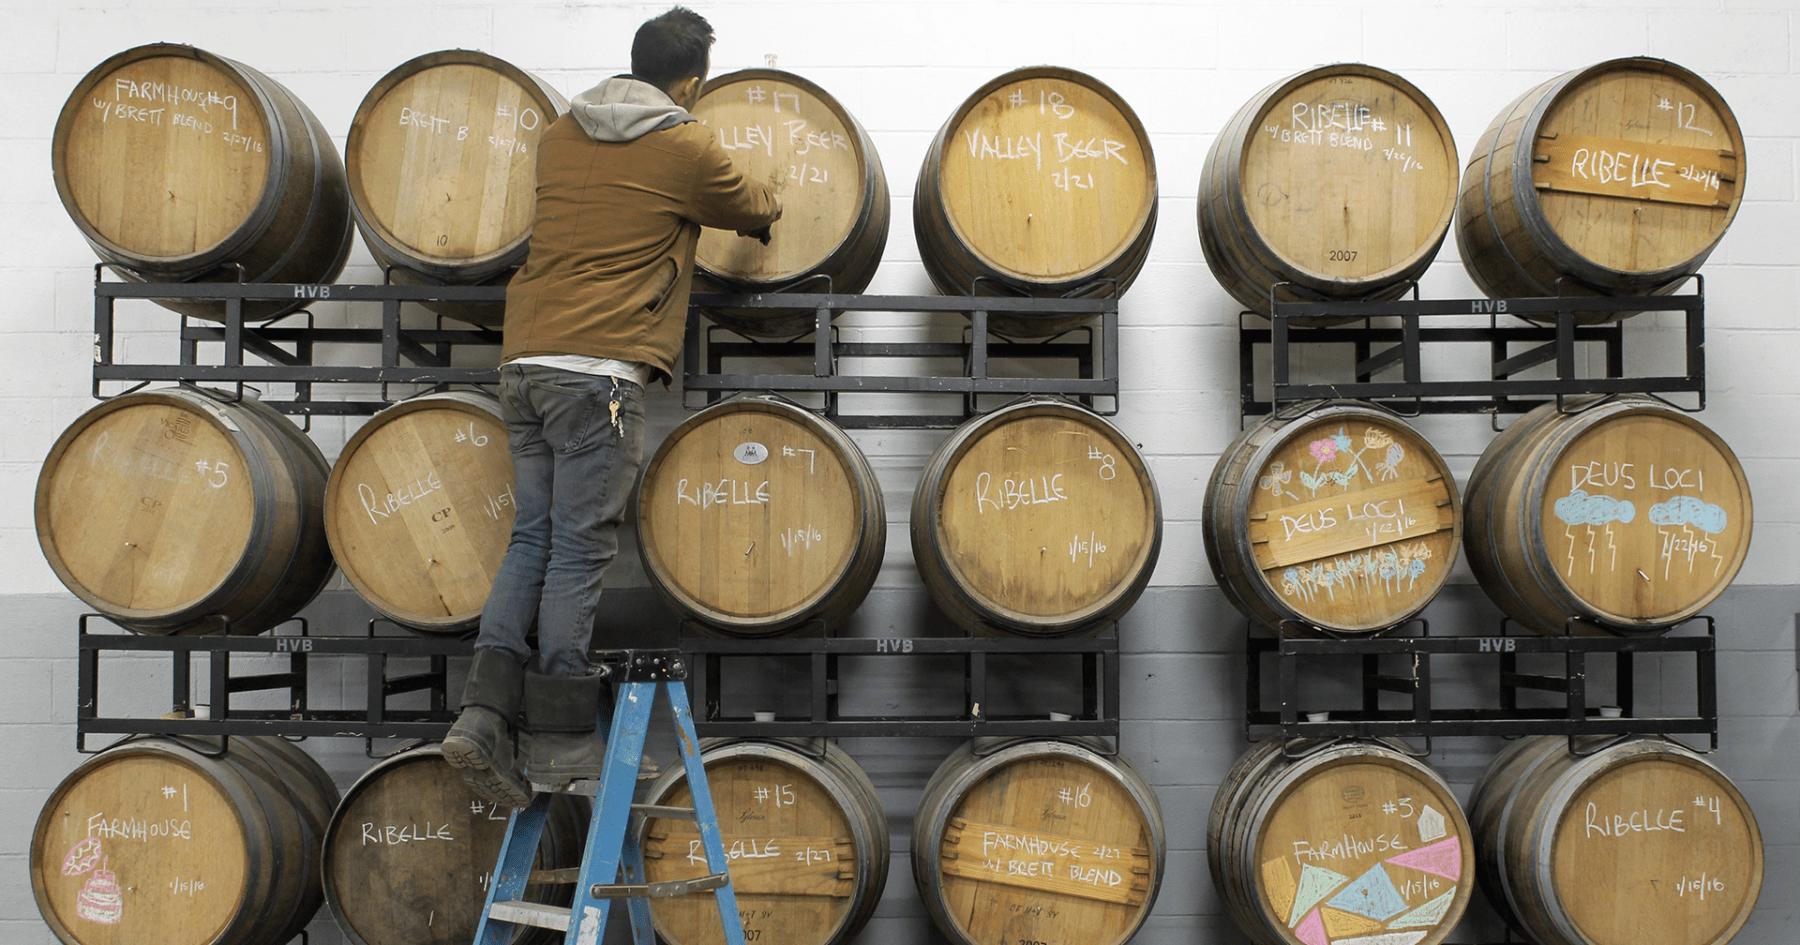 5 Hudson Valley Breweries That Merit a Weekend Pilgrimage